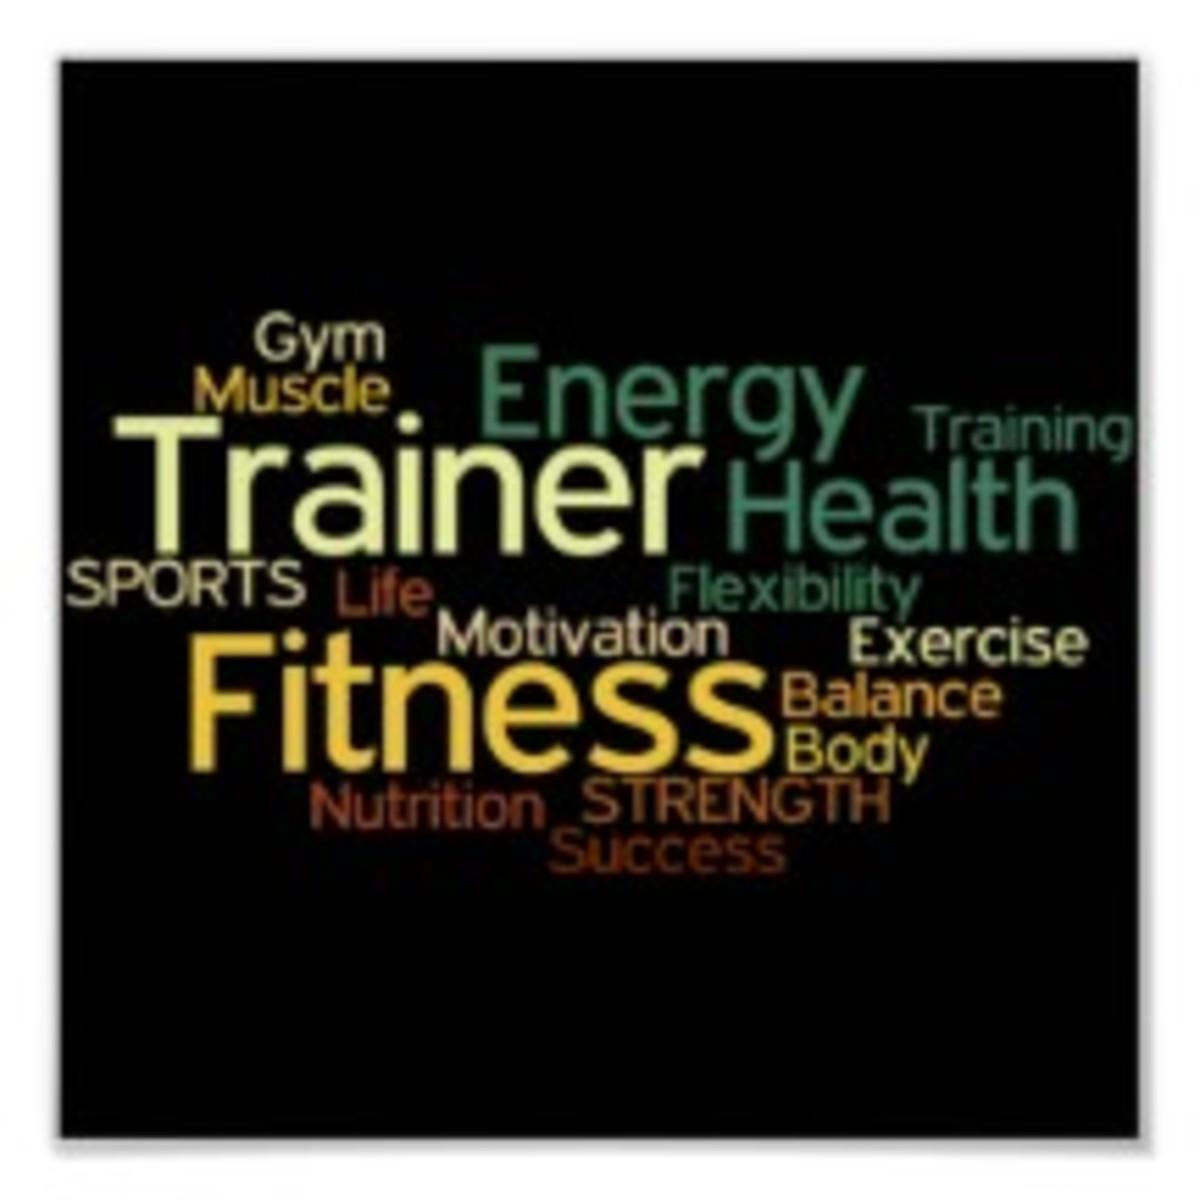 Trainer Fitness Energy Health Post6er